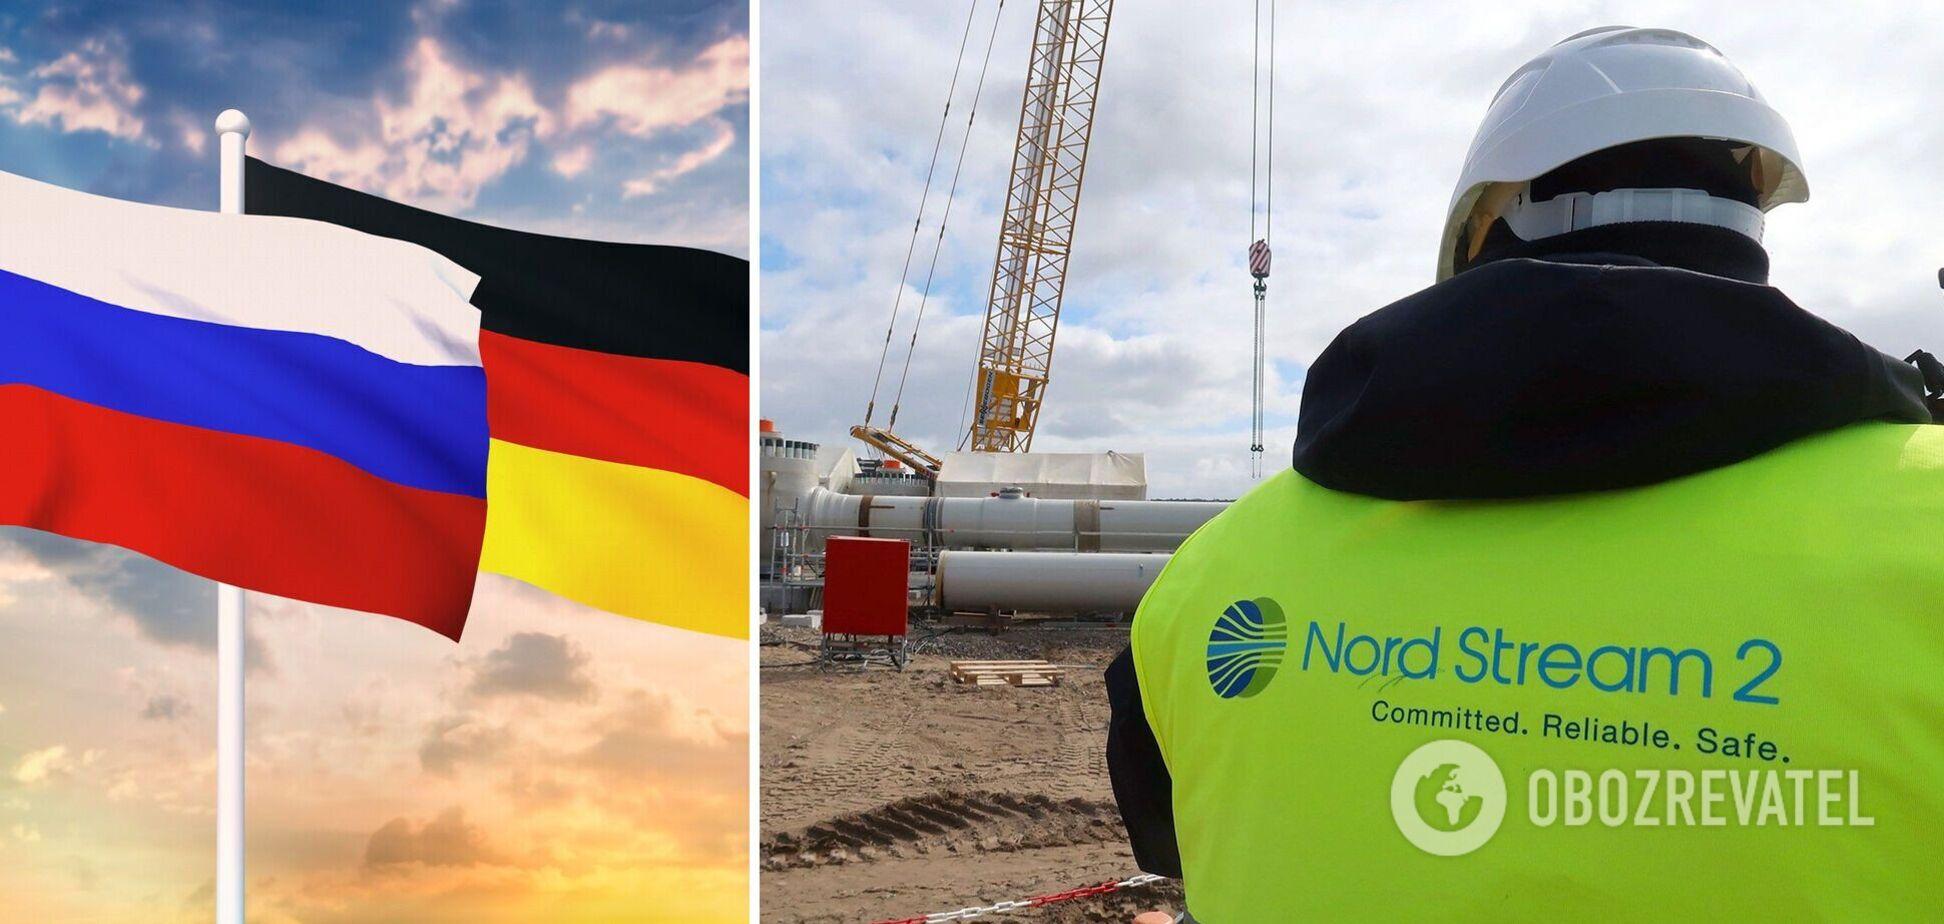 Німеччина не заблокує 'Північний потік-2', навіть якщо РФ буде використовувати його як геополітичну зброю – Bloomberg